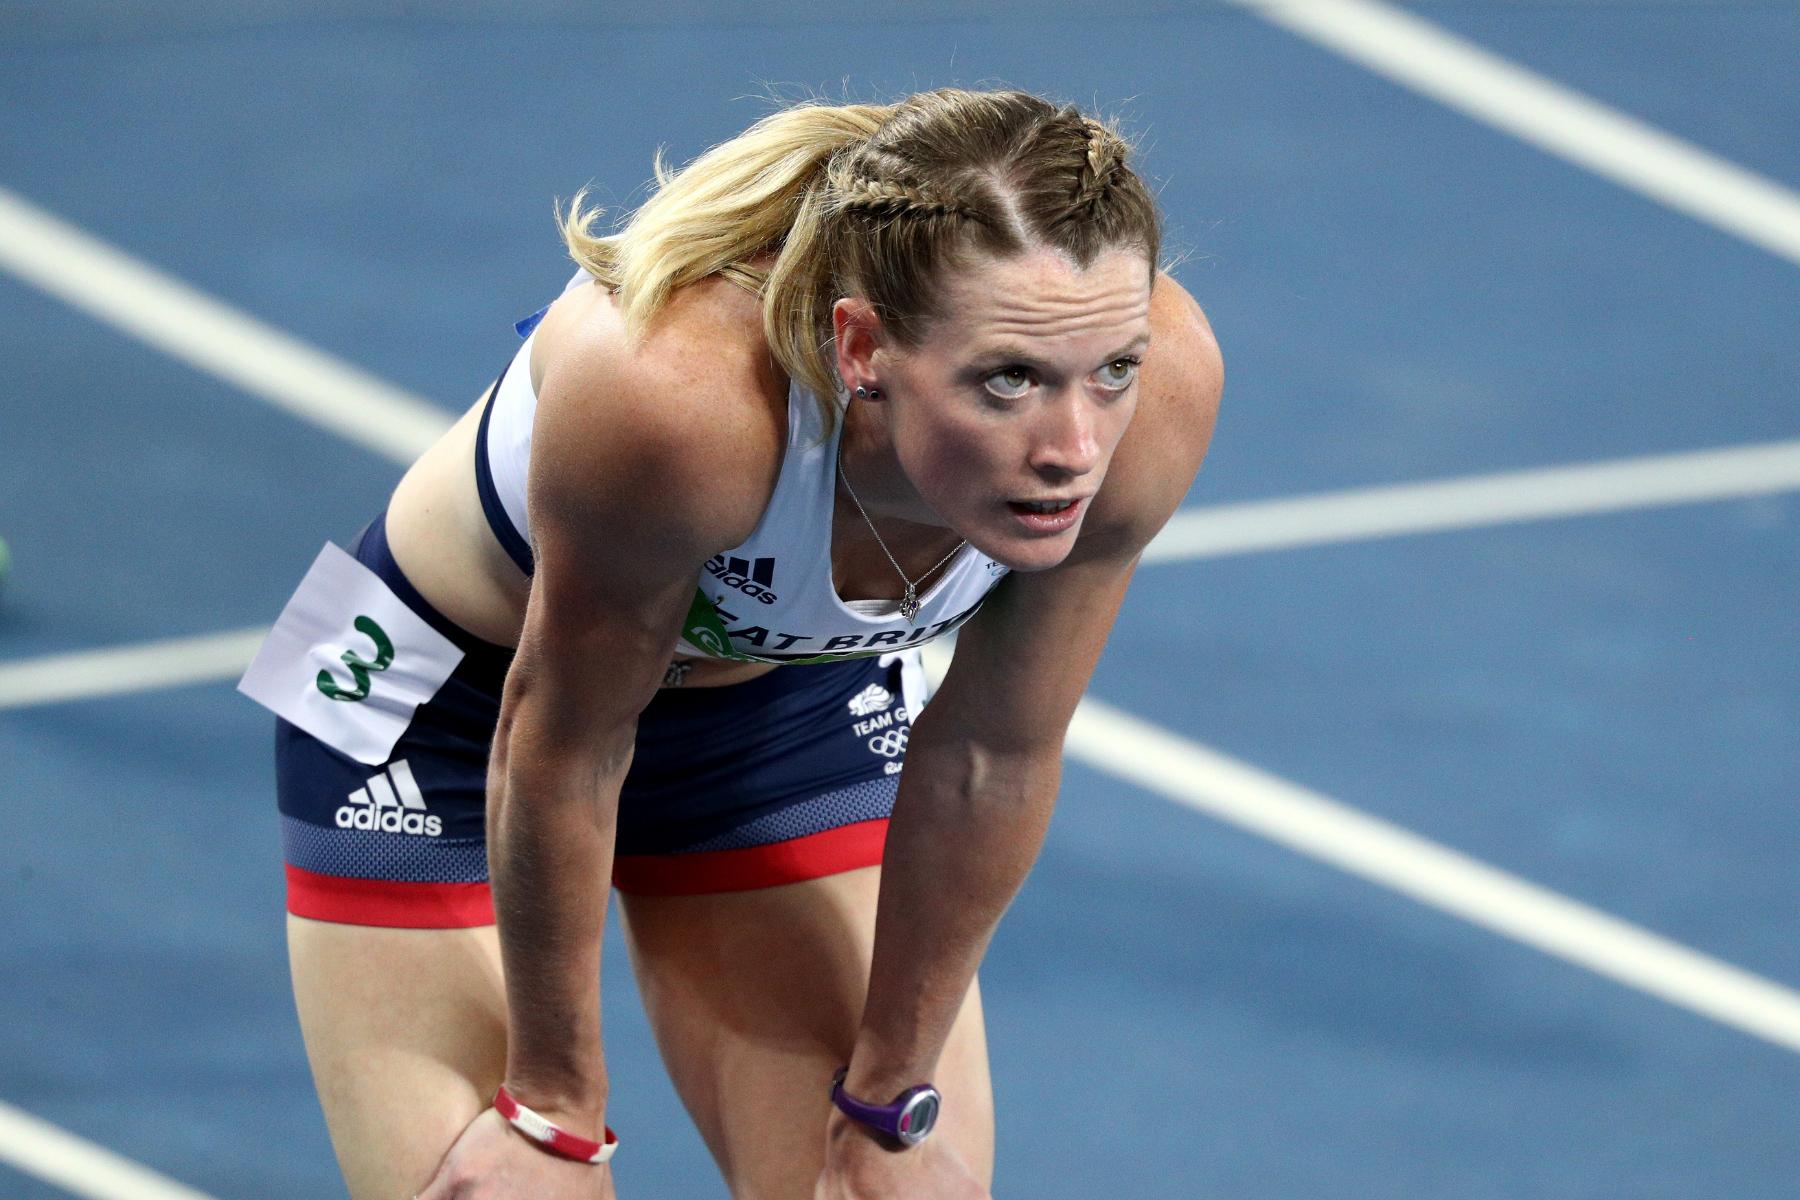 Peraih medali Olimpiade Eilidh Doyle membuka kehidupan setelah pensiun dari atletik profesional